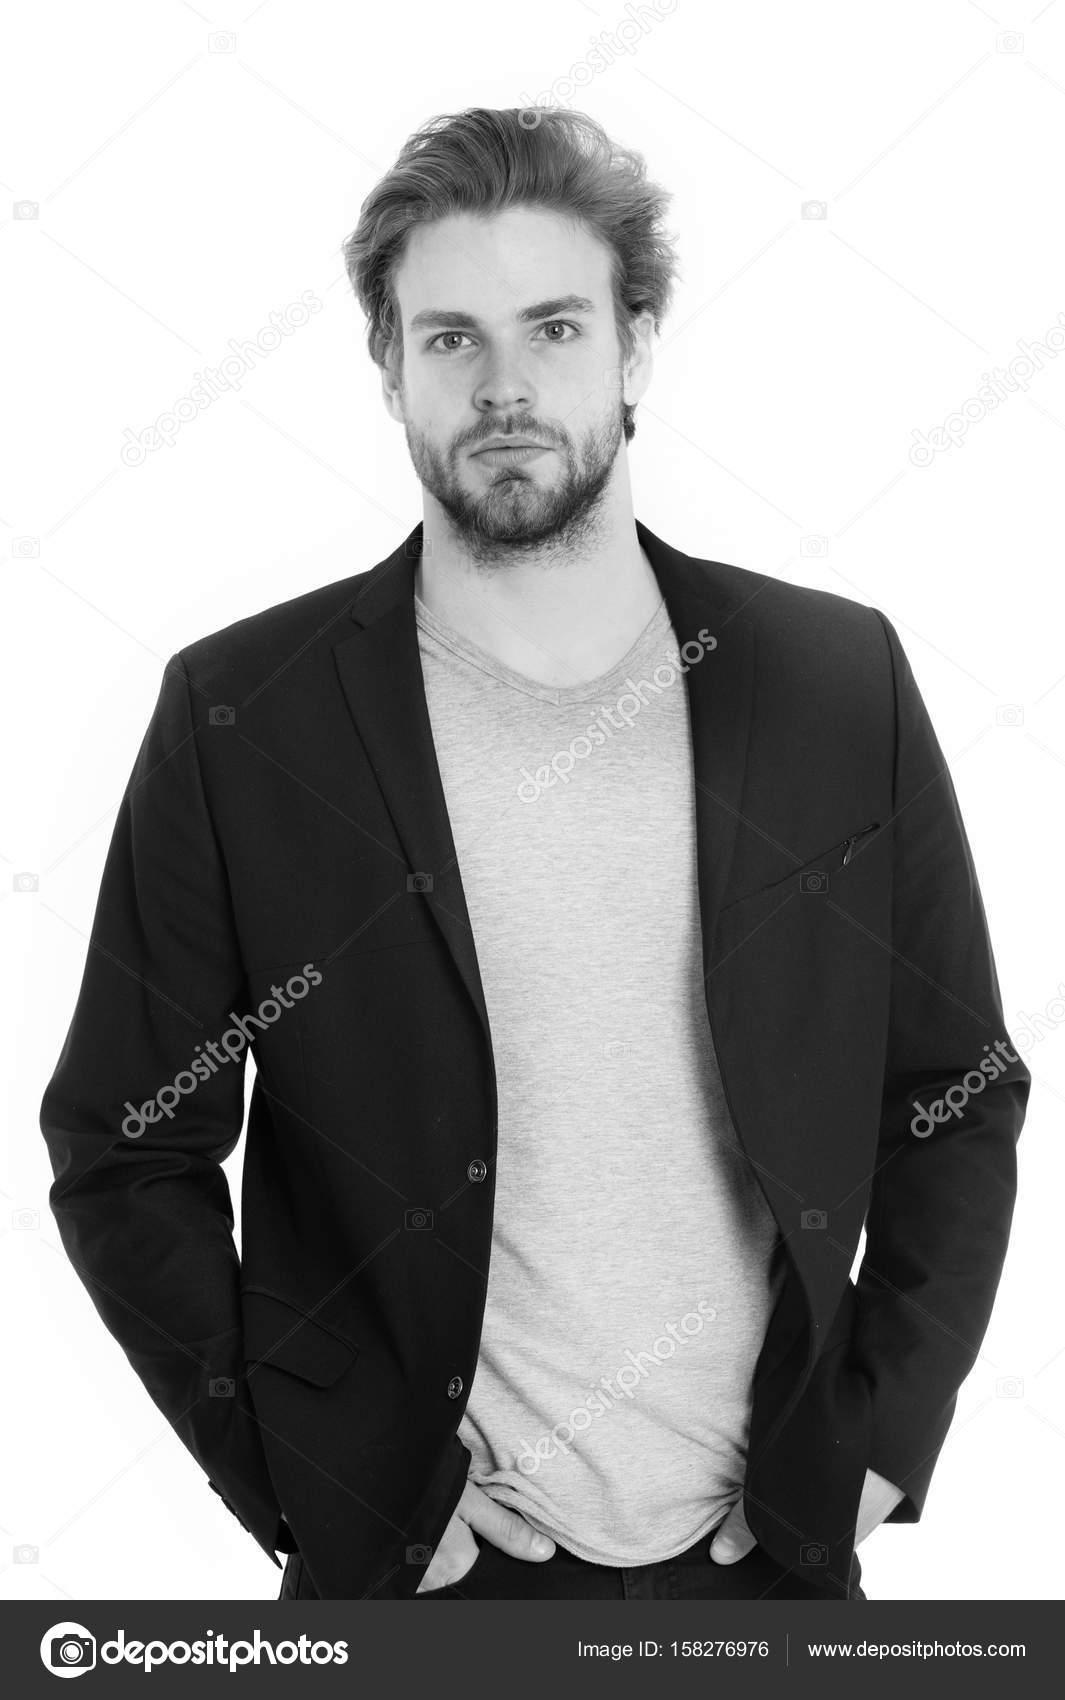 giovane giacca che indossa uomo camicia d'affari uomo o grigia e Ez6nnqa1